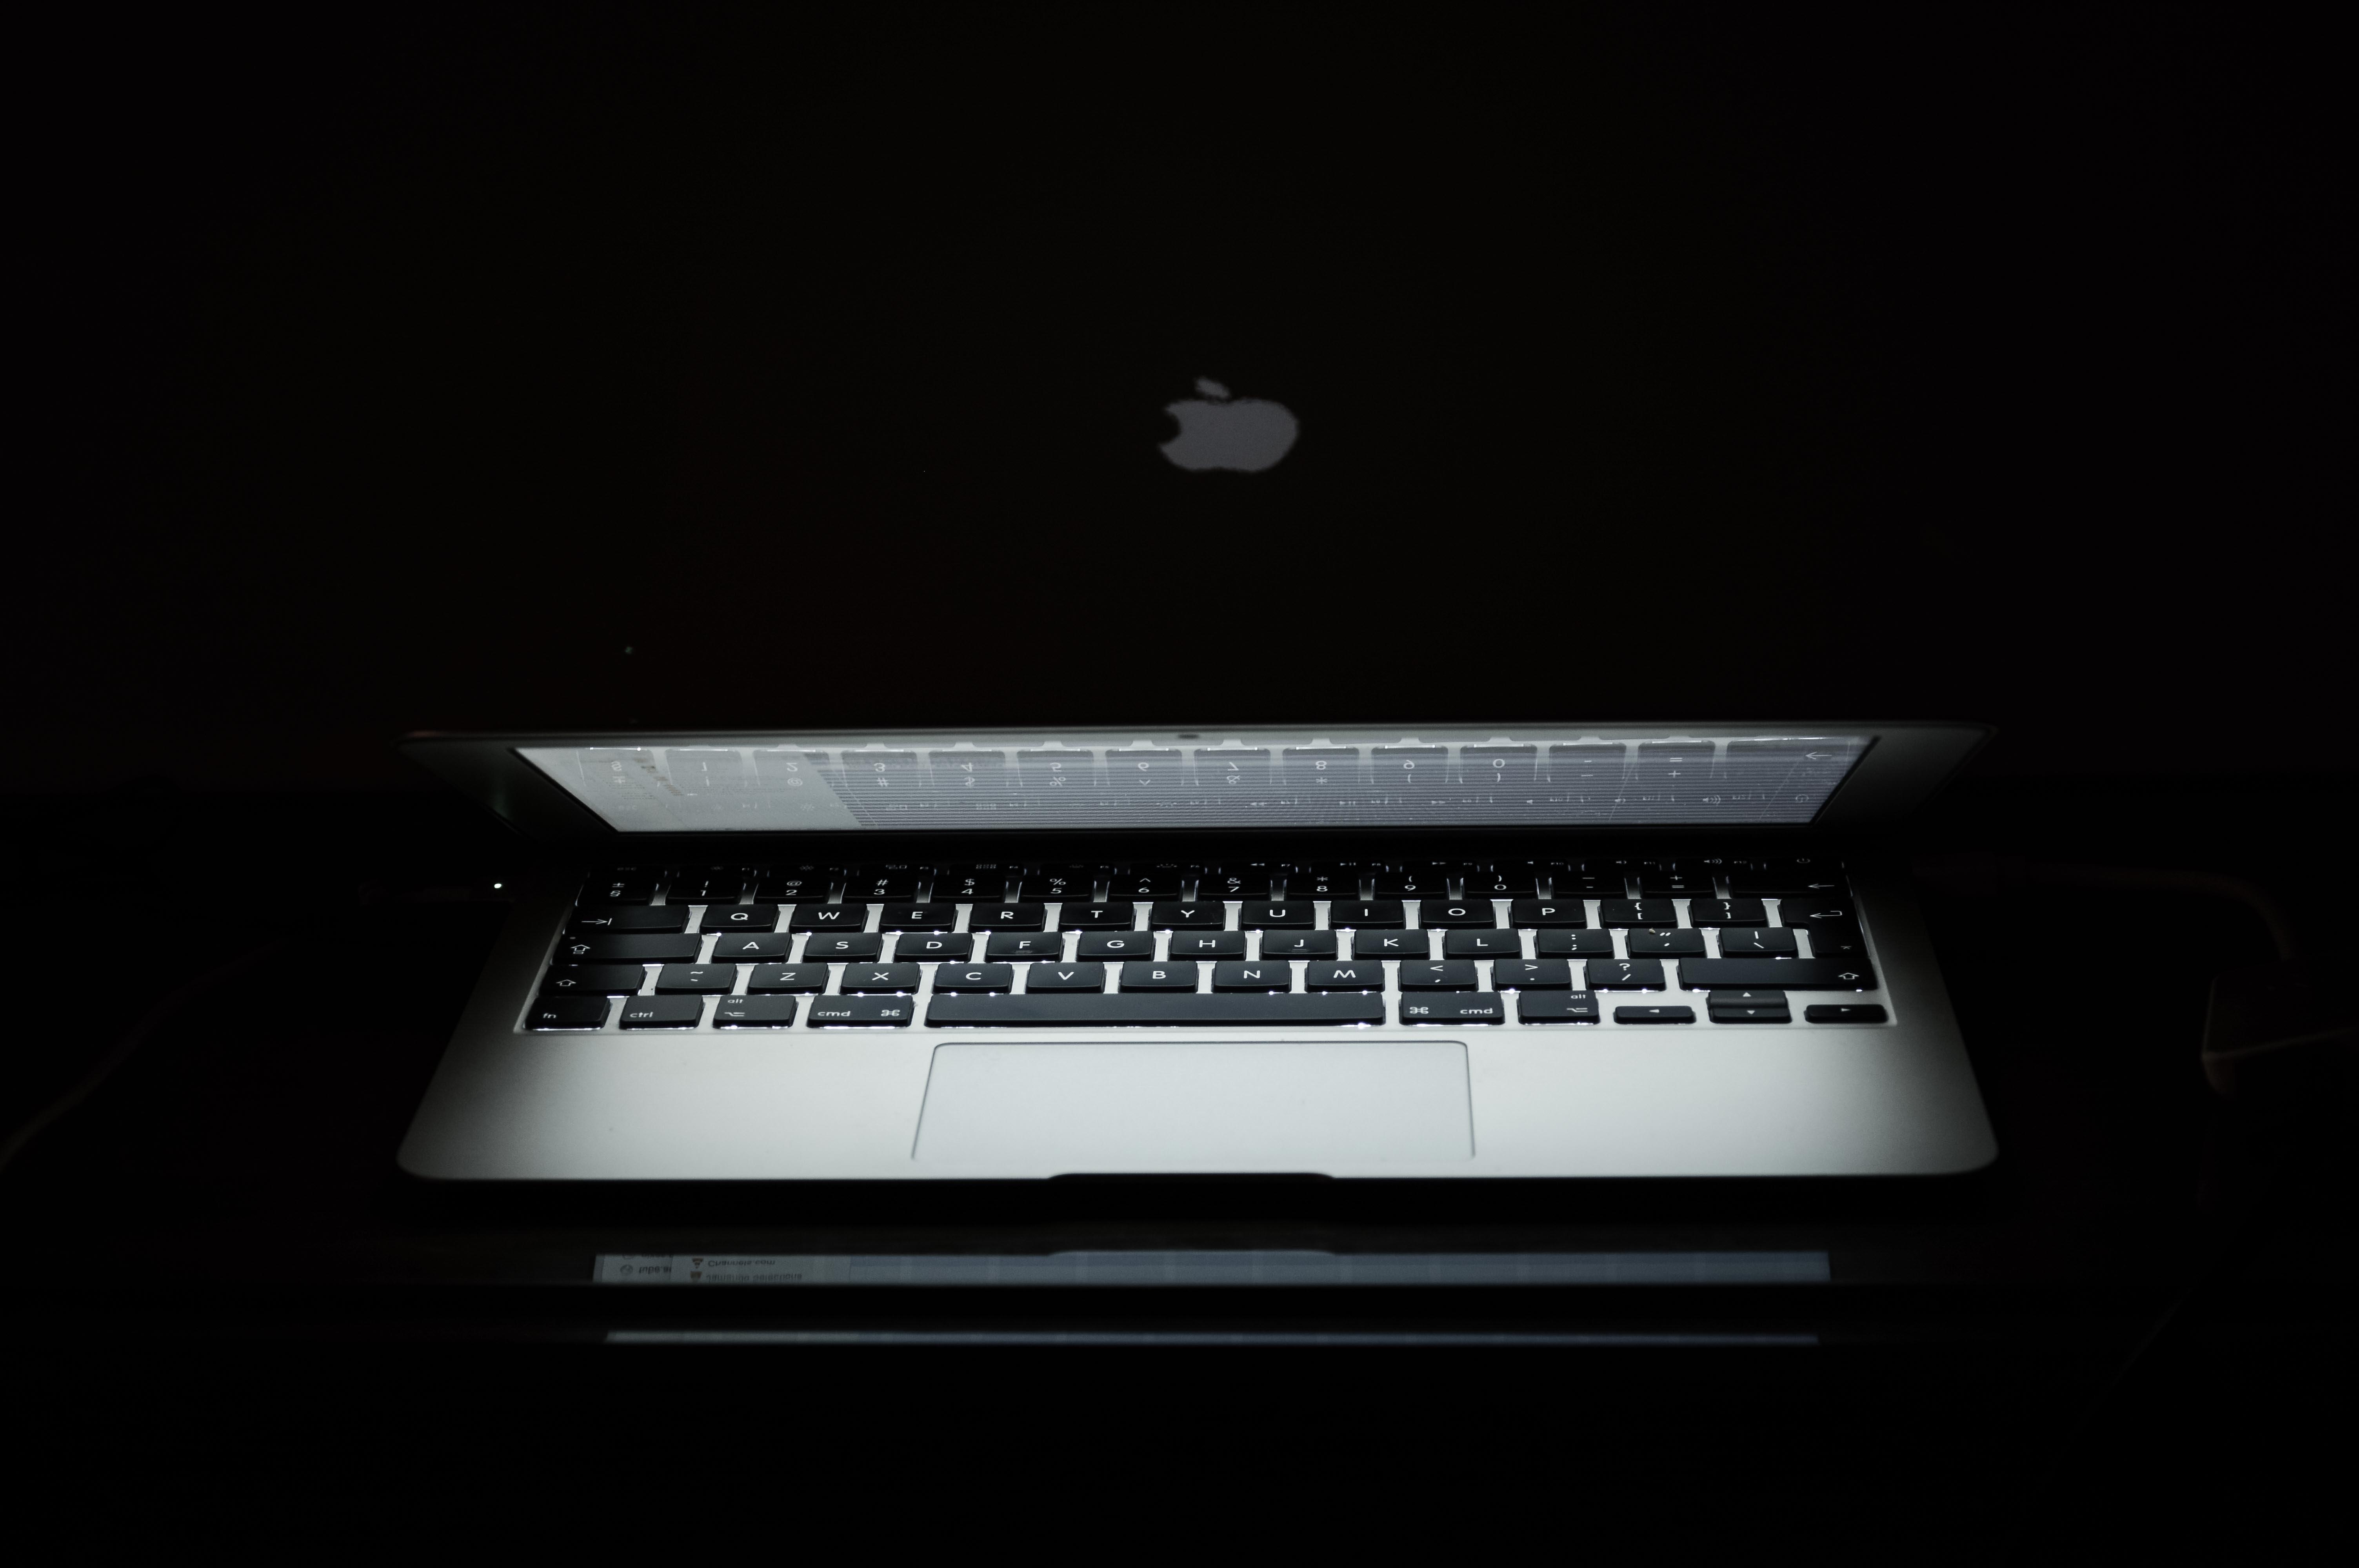 Immagini belle : il computer portatile taccuino macbook mobile